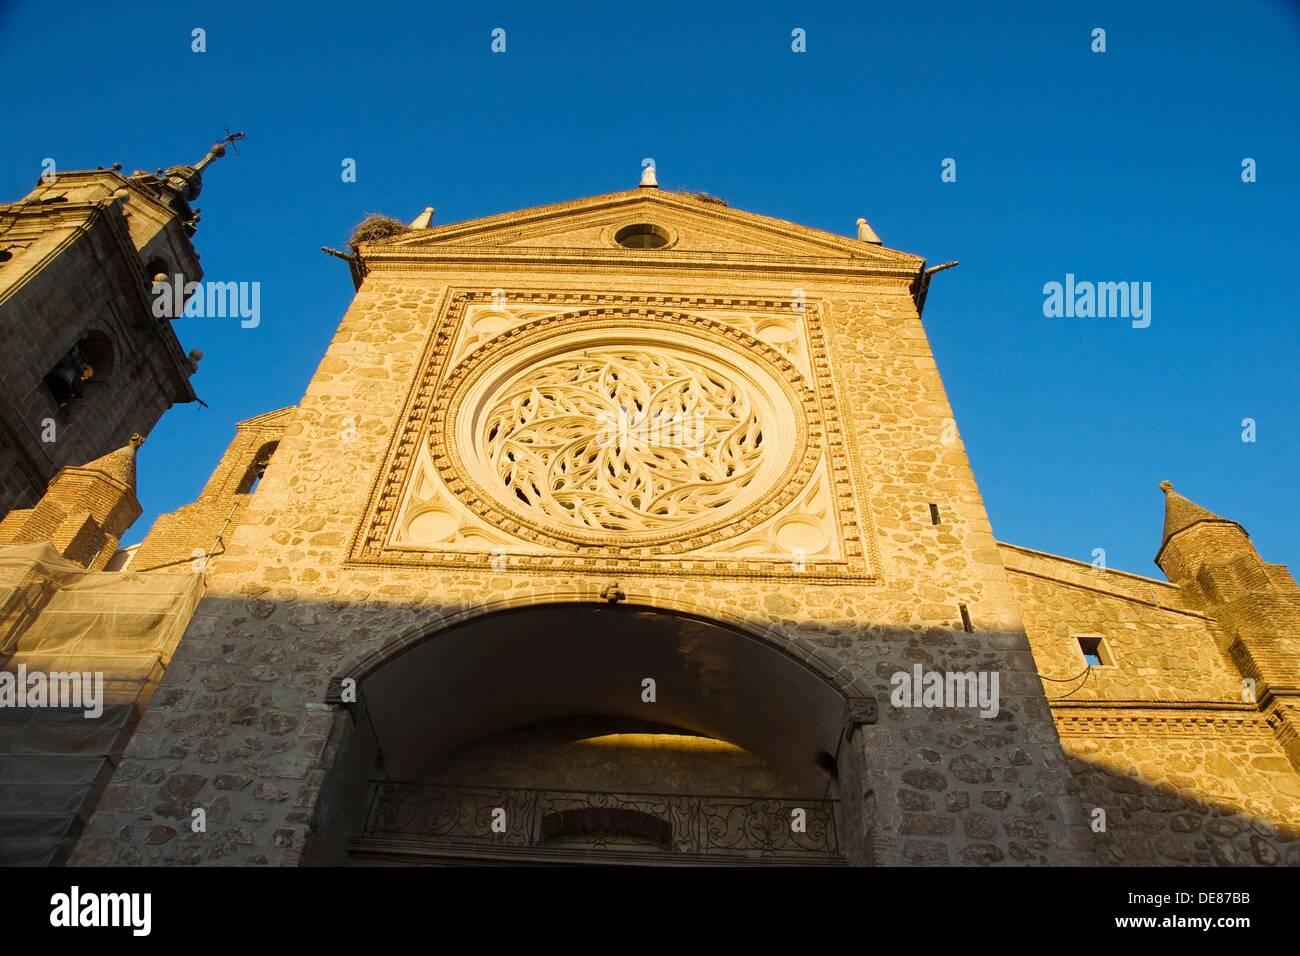 Santa María la Mayor en 'la' Iglesia Colegiate colegial. Talavera de la Reina. La provincia de Toledo. España Imagen De Stock